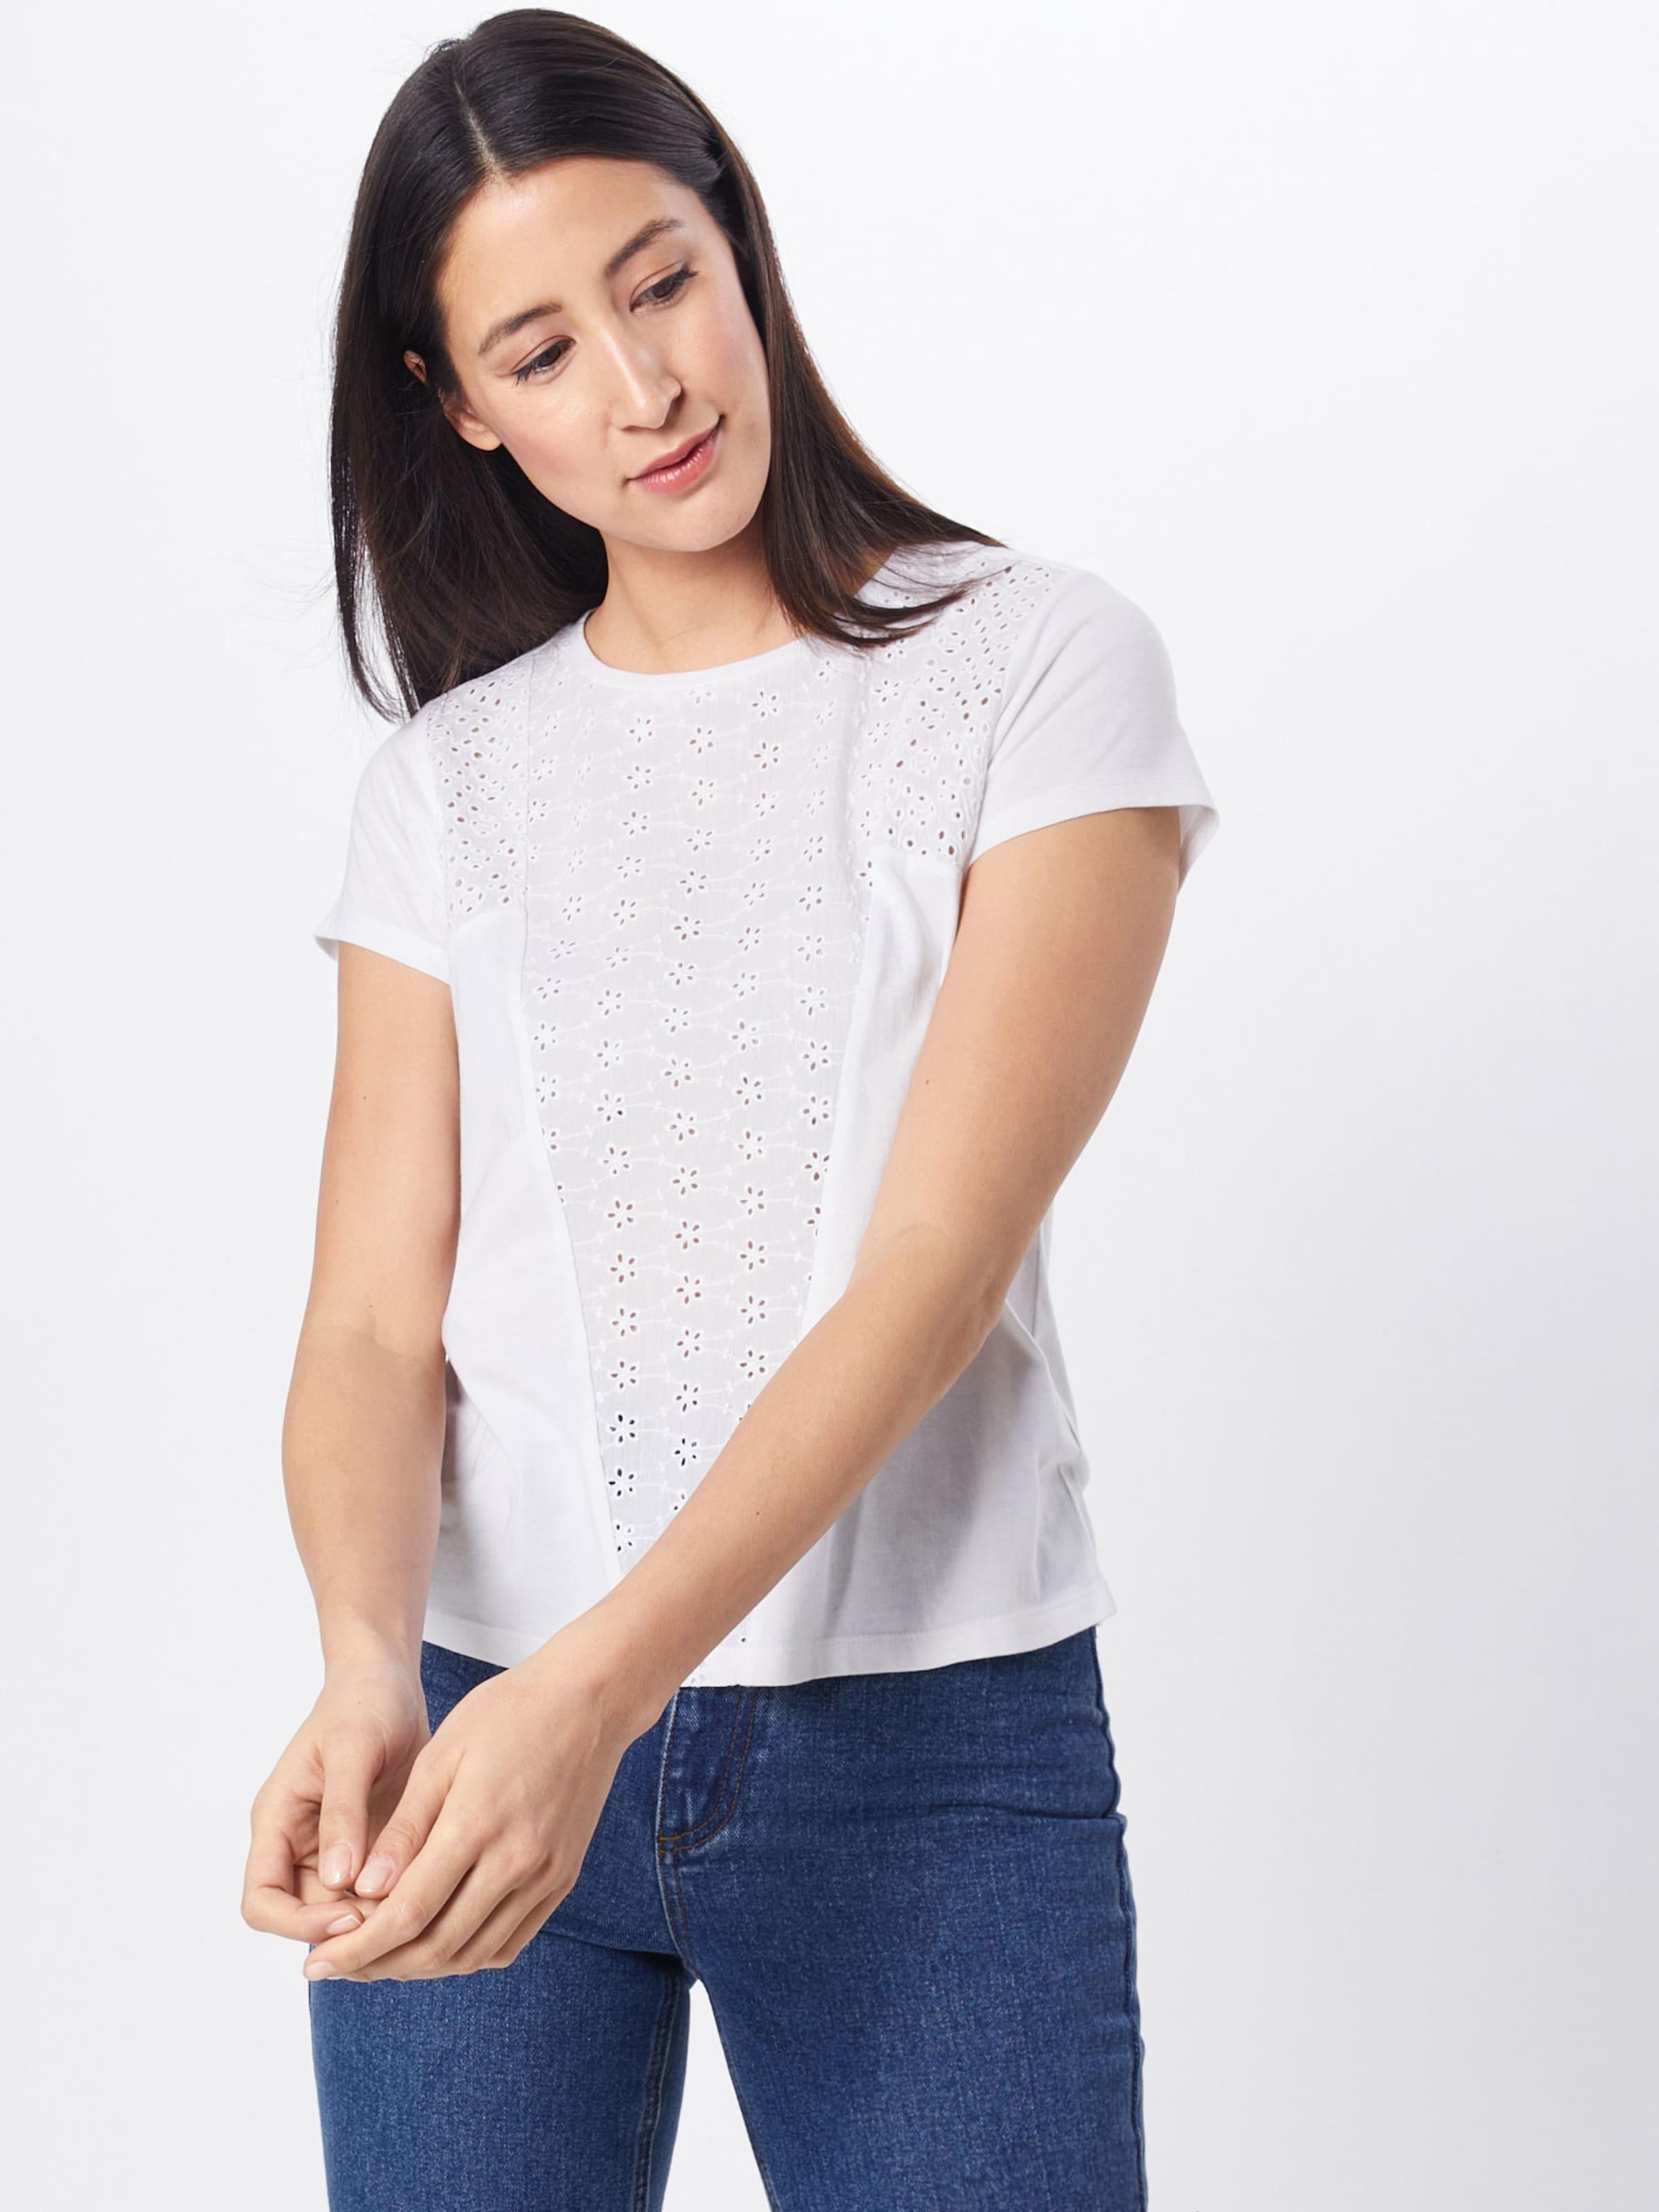 About You 'nela' Shirt In Weiß OPkn8w0X